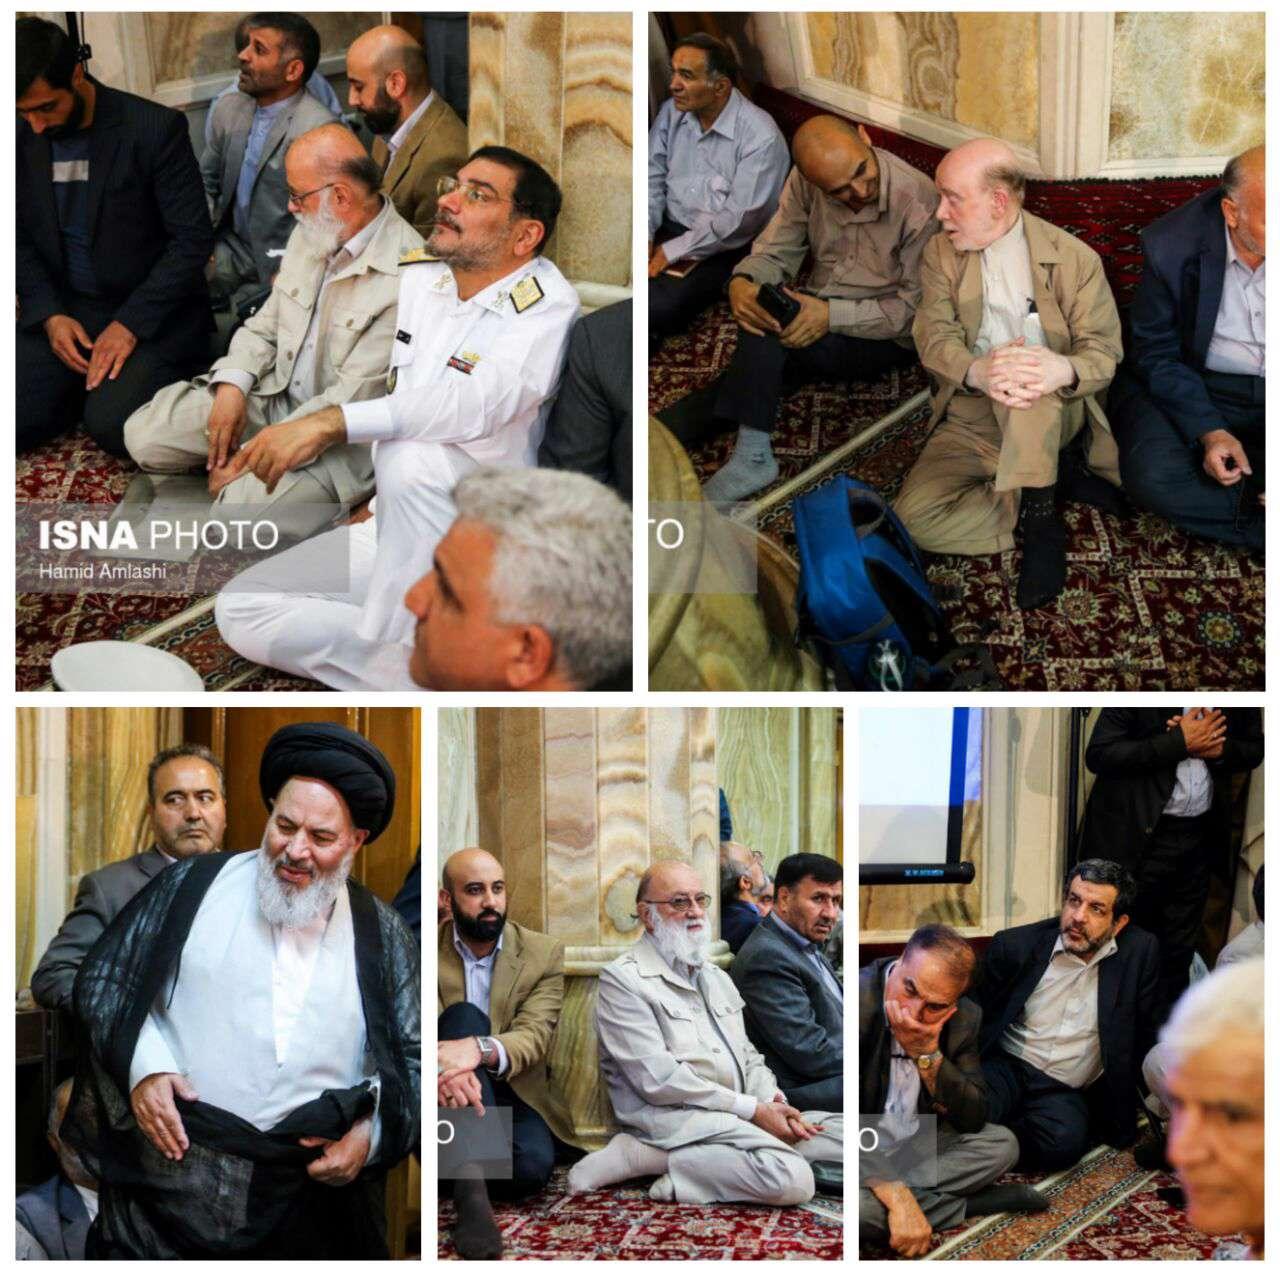 آیین بزرگداشت شهید مصطفی چمران با حضور تعدادی از مسوولان شخصیتهای سیاسی و اجتماعی برگزار شد